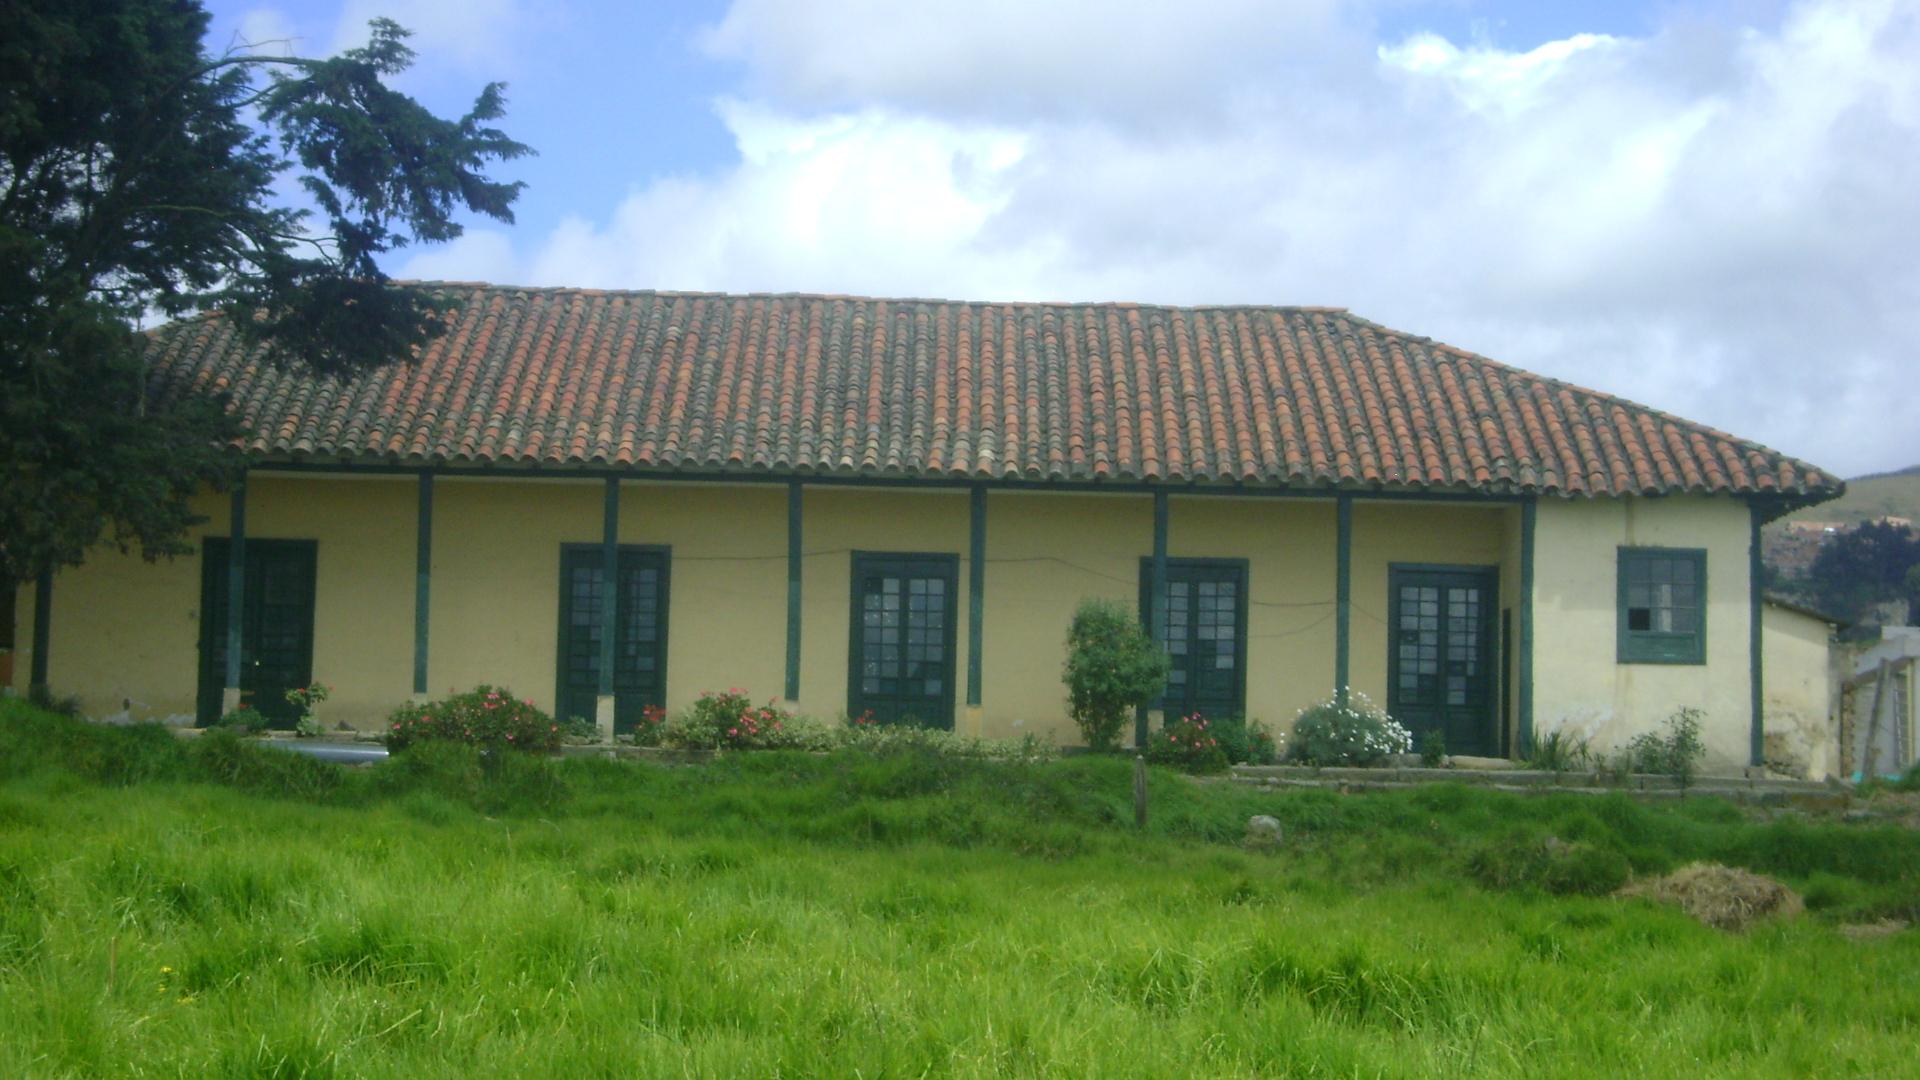 Casona de la antigua Hacienda Terreros. Fotografía David Barbosa.